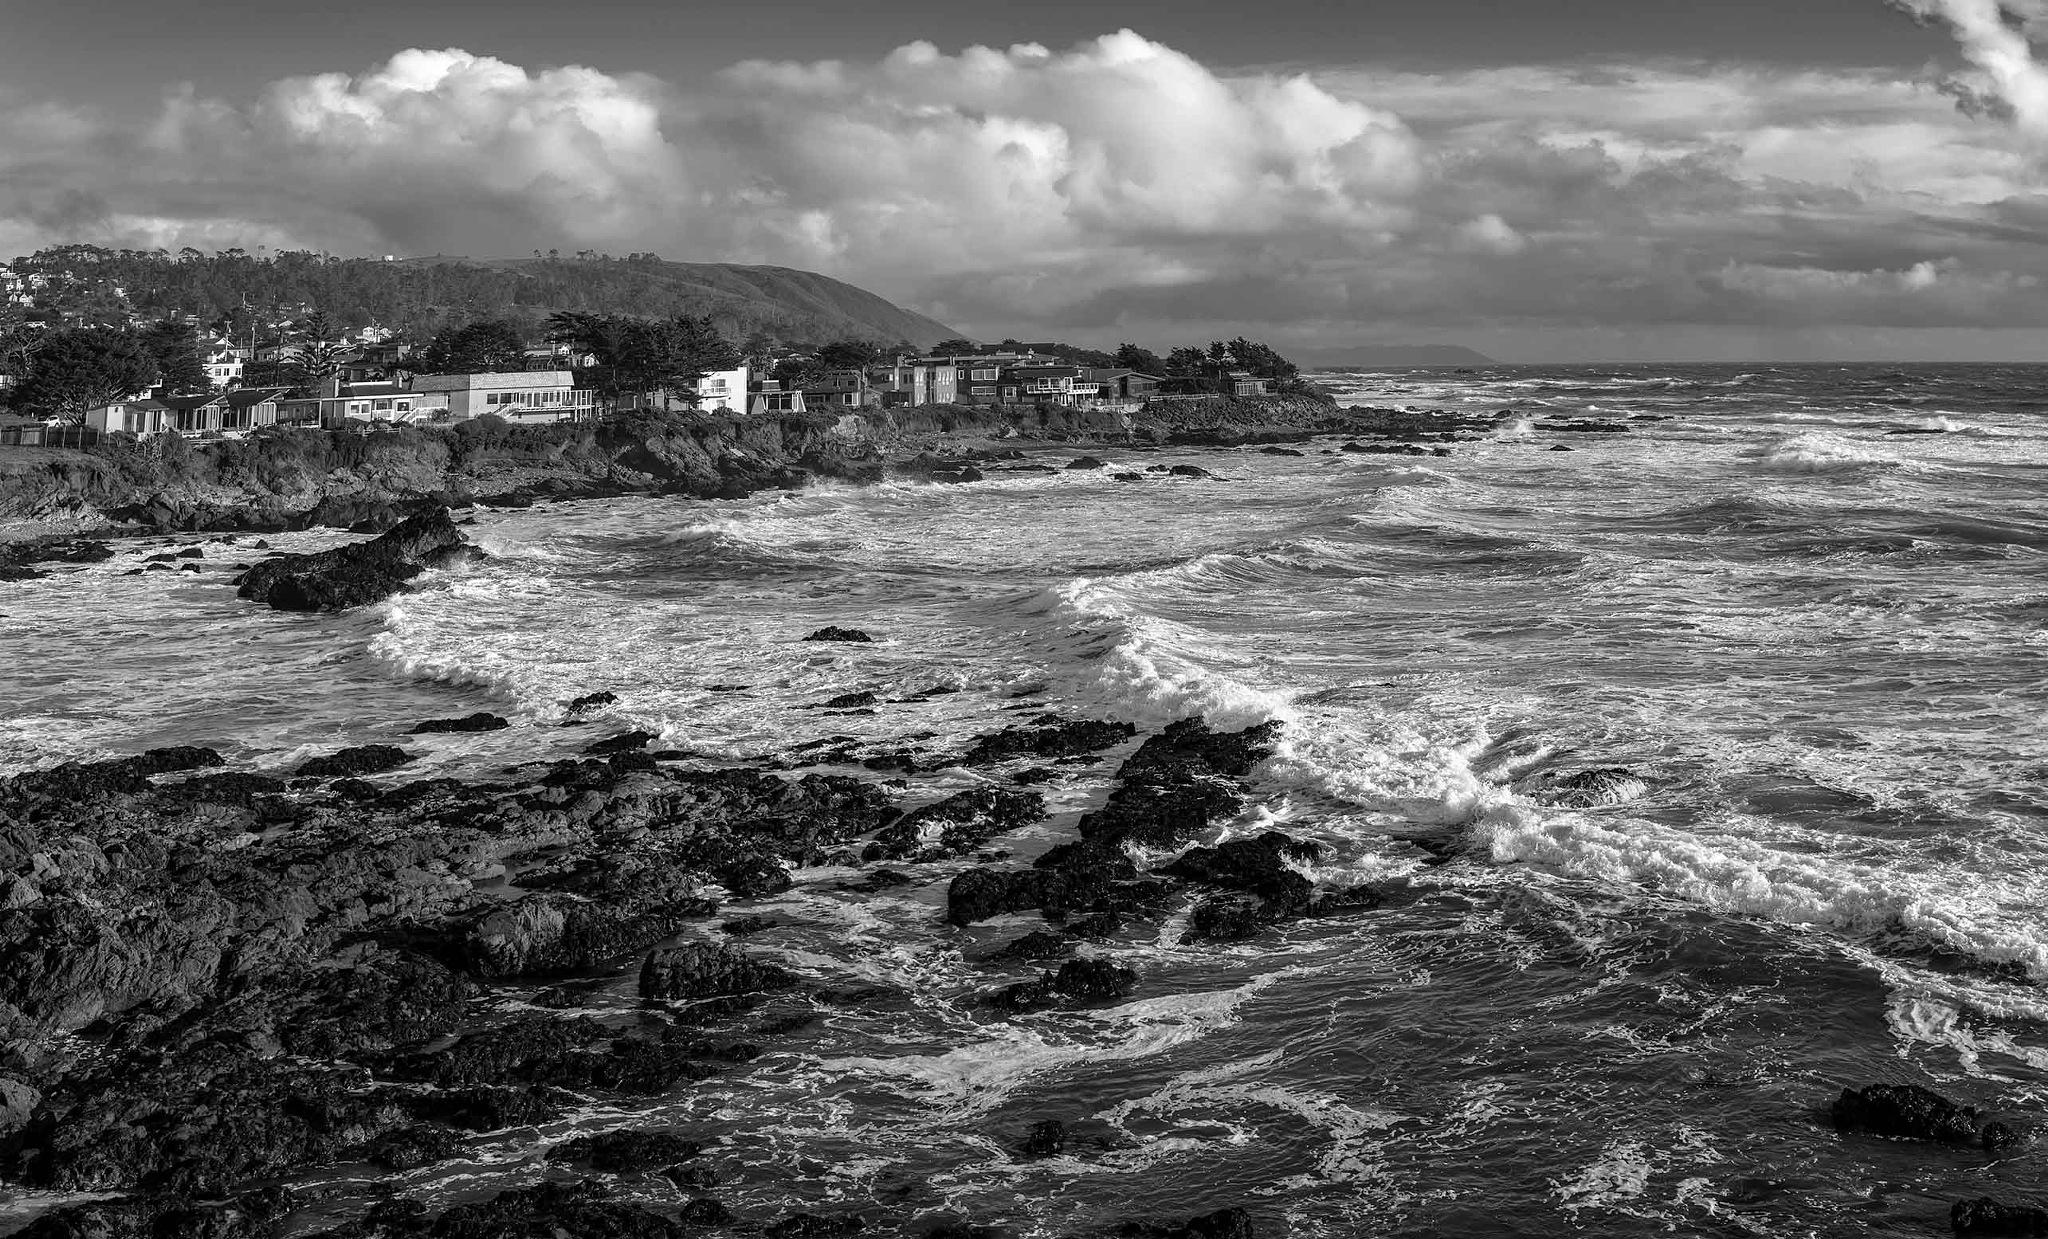 Seaside Neighborhood by JoeJosephsPhotography